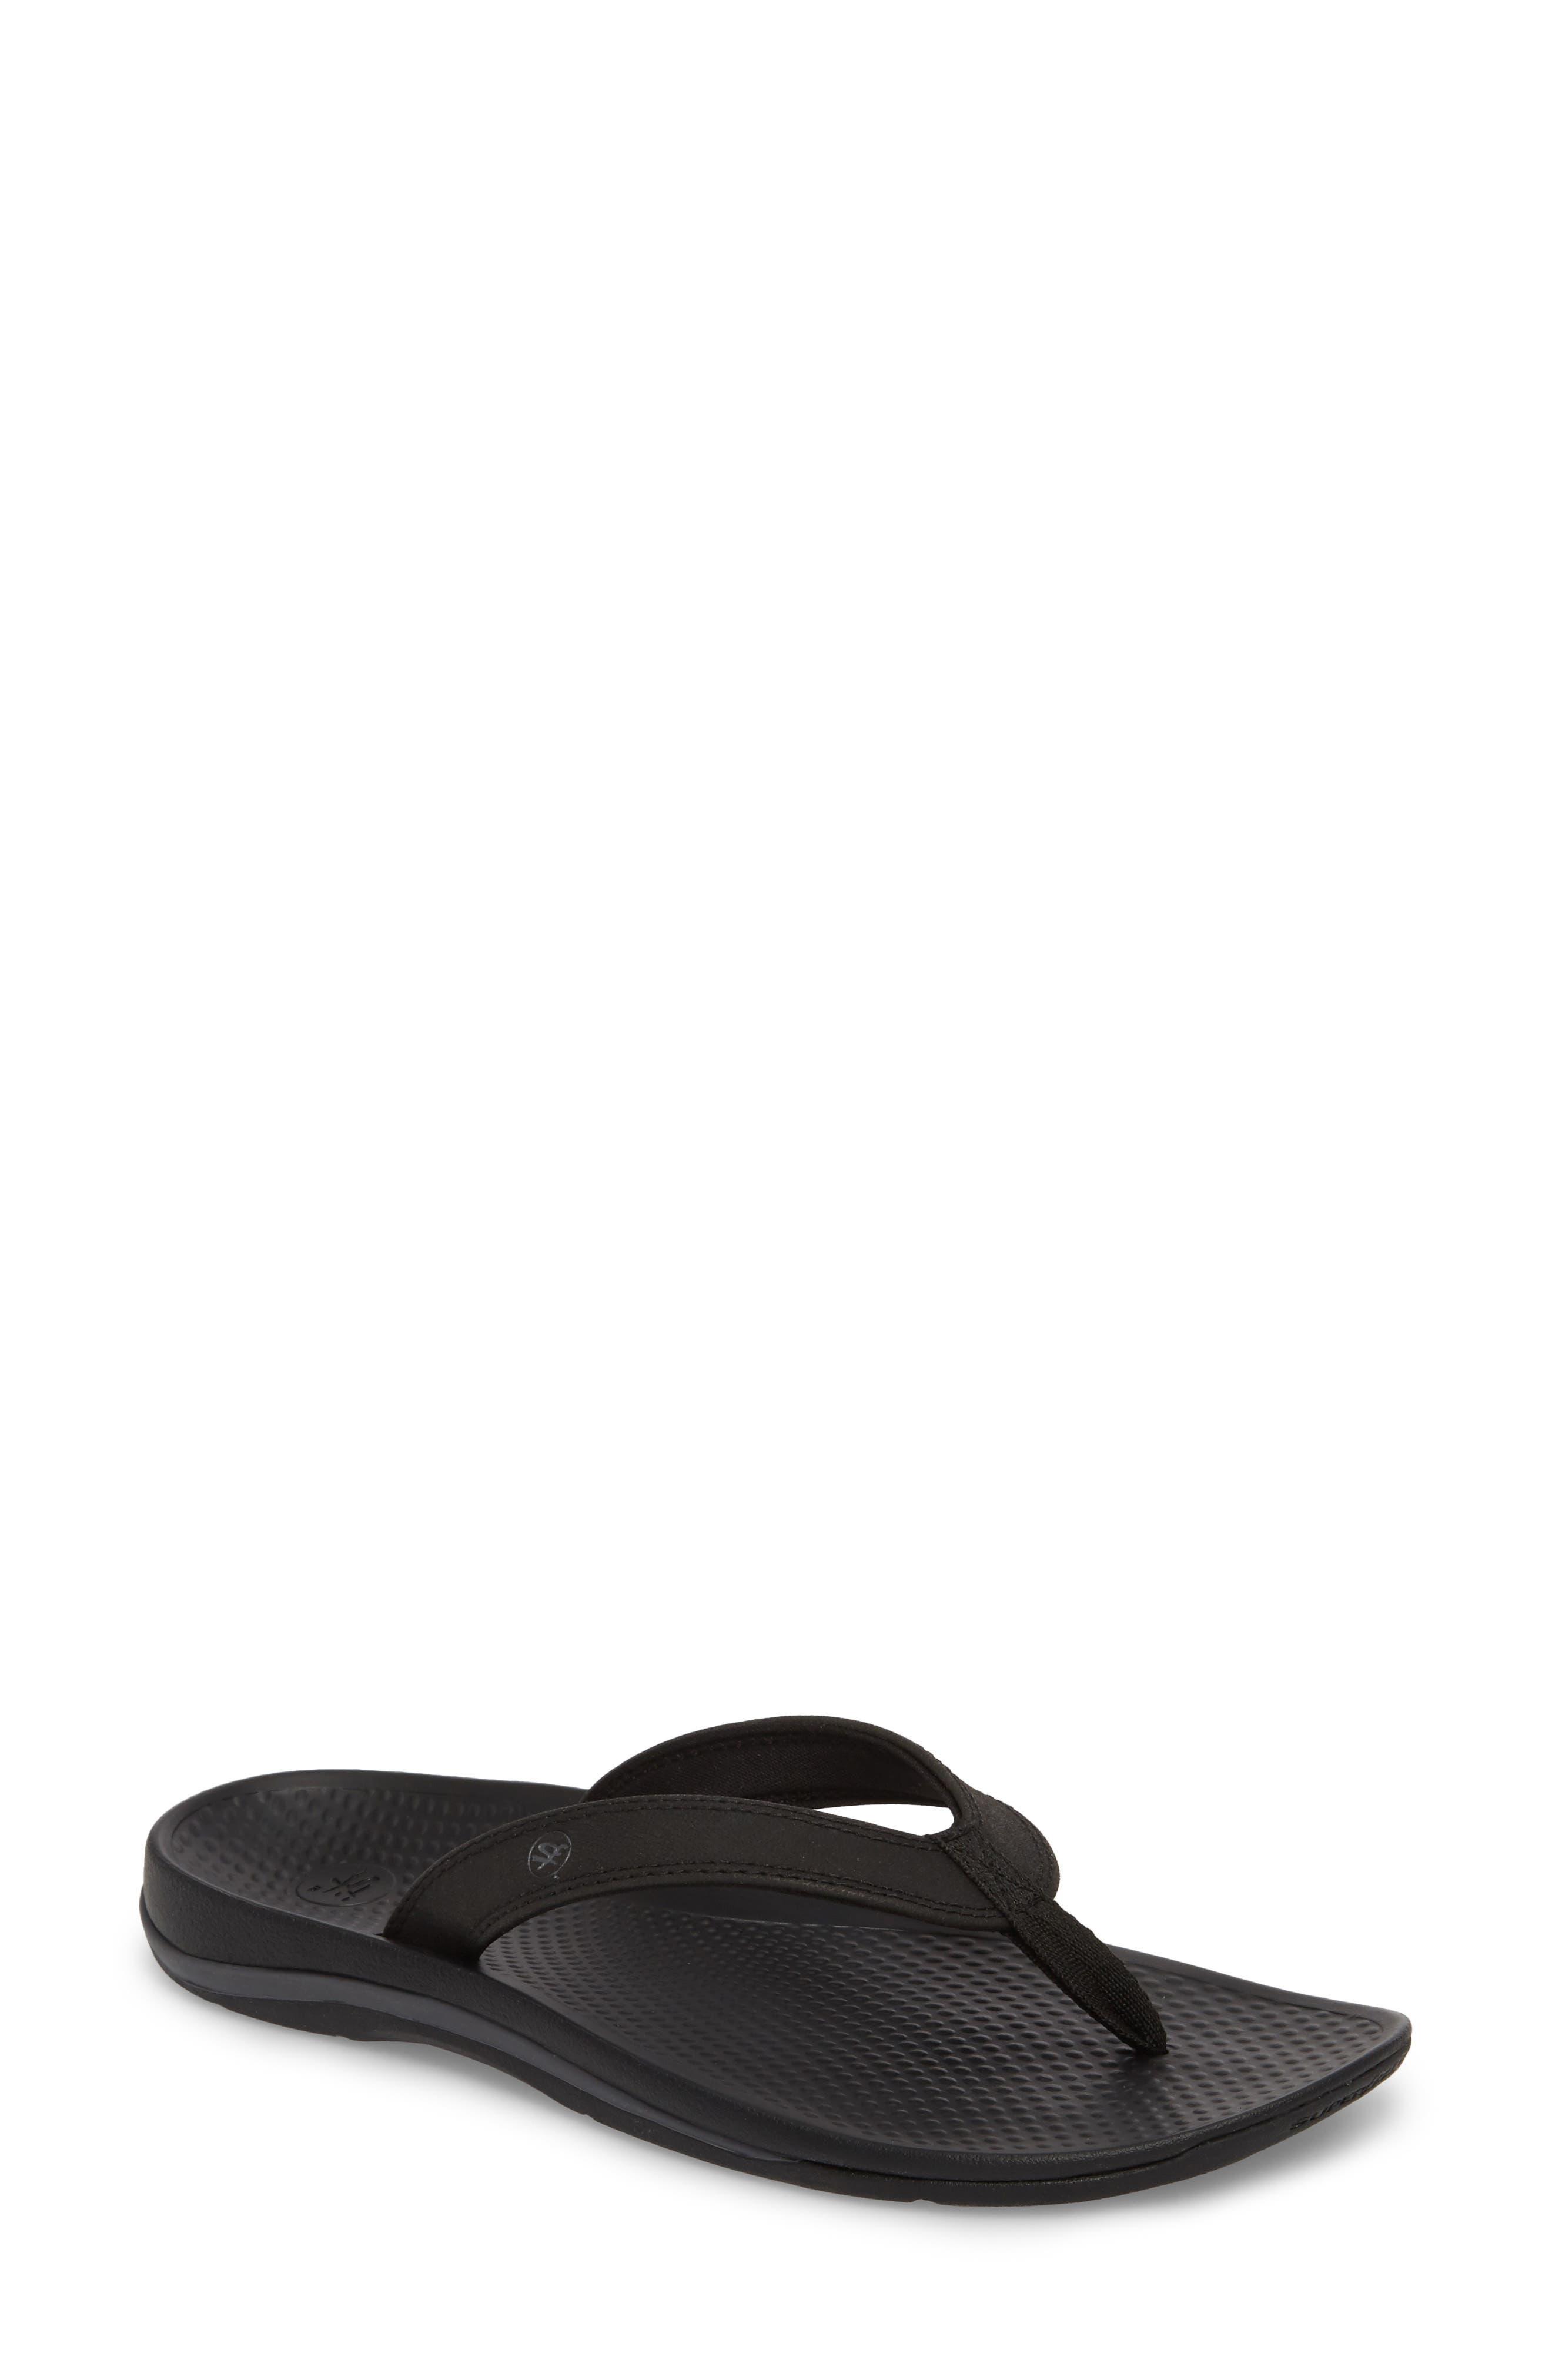 Outside 2.0 Flip Flop,                         Main,                         color, Black Faux Leather